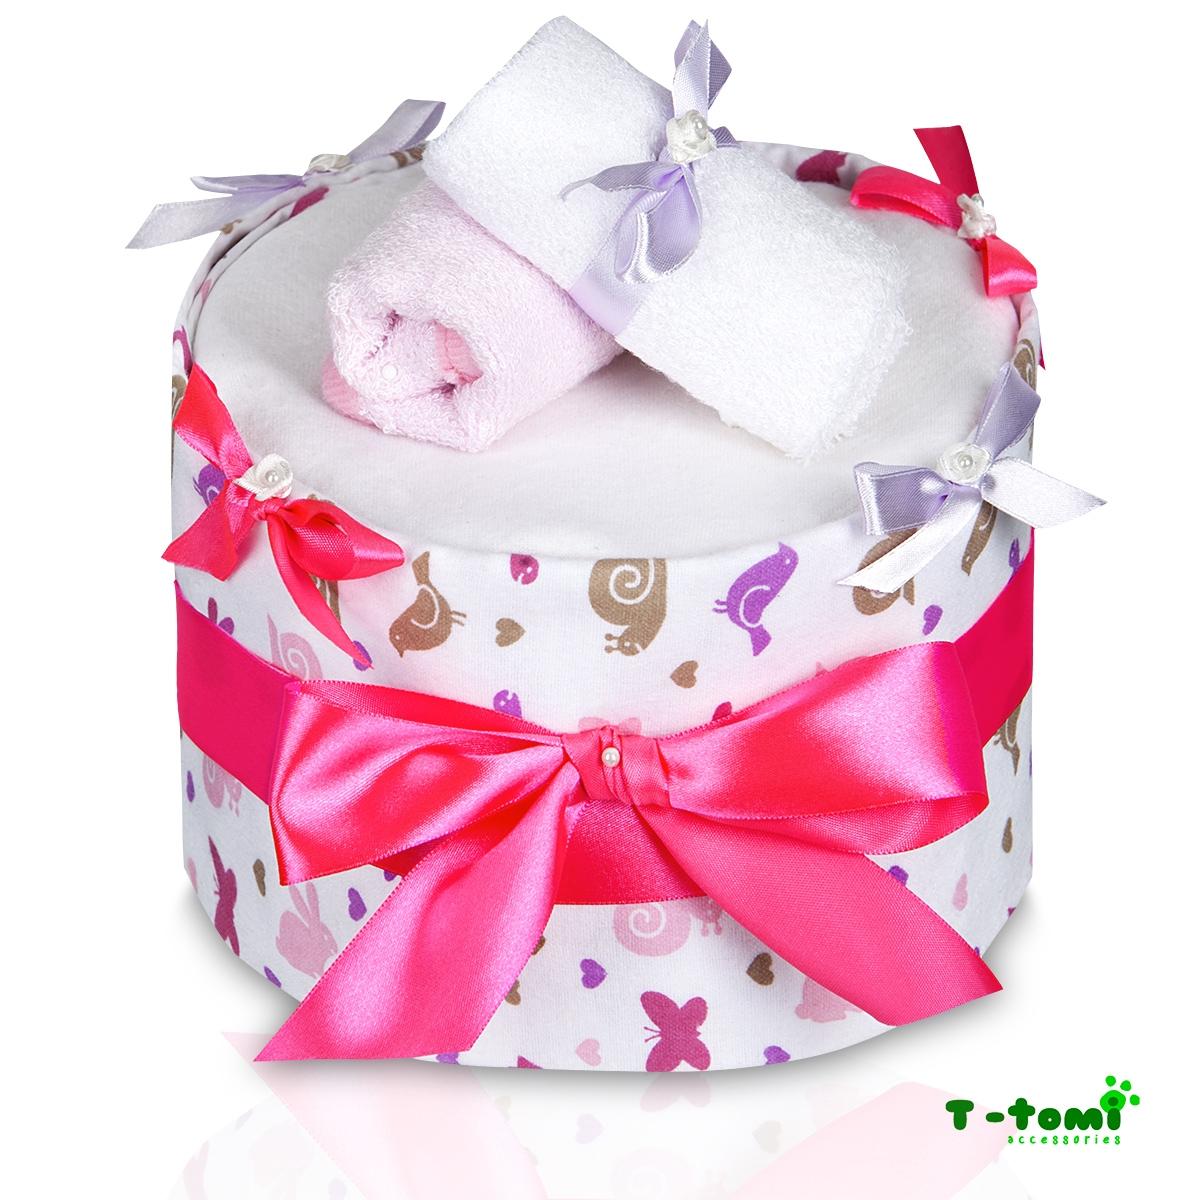 T-tomi plenkový dort ECO - LUX velký šnek  04b6351a06